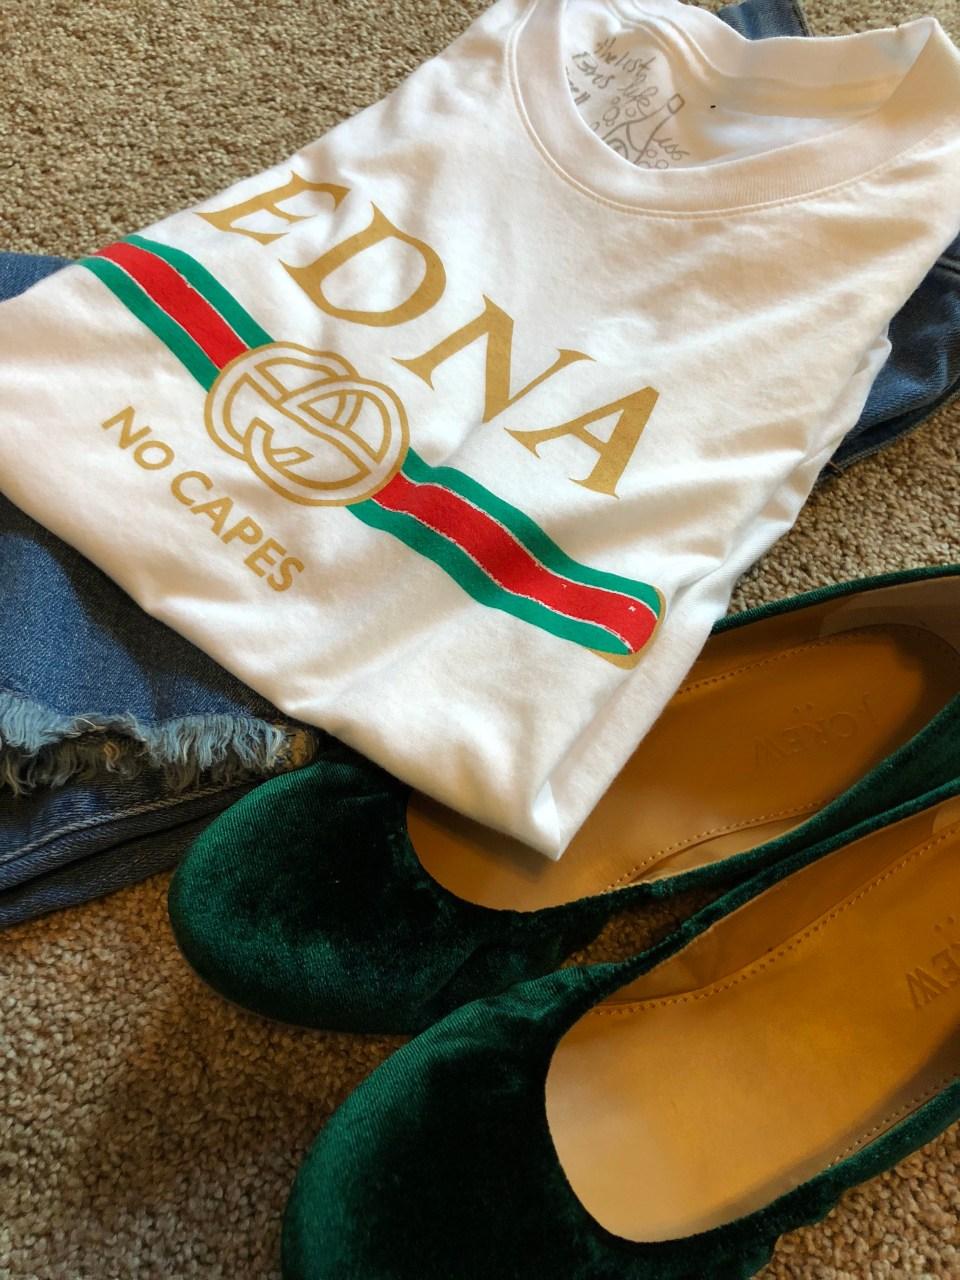 Edna - No Capes tee & Green Velvet Flats 7